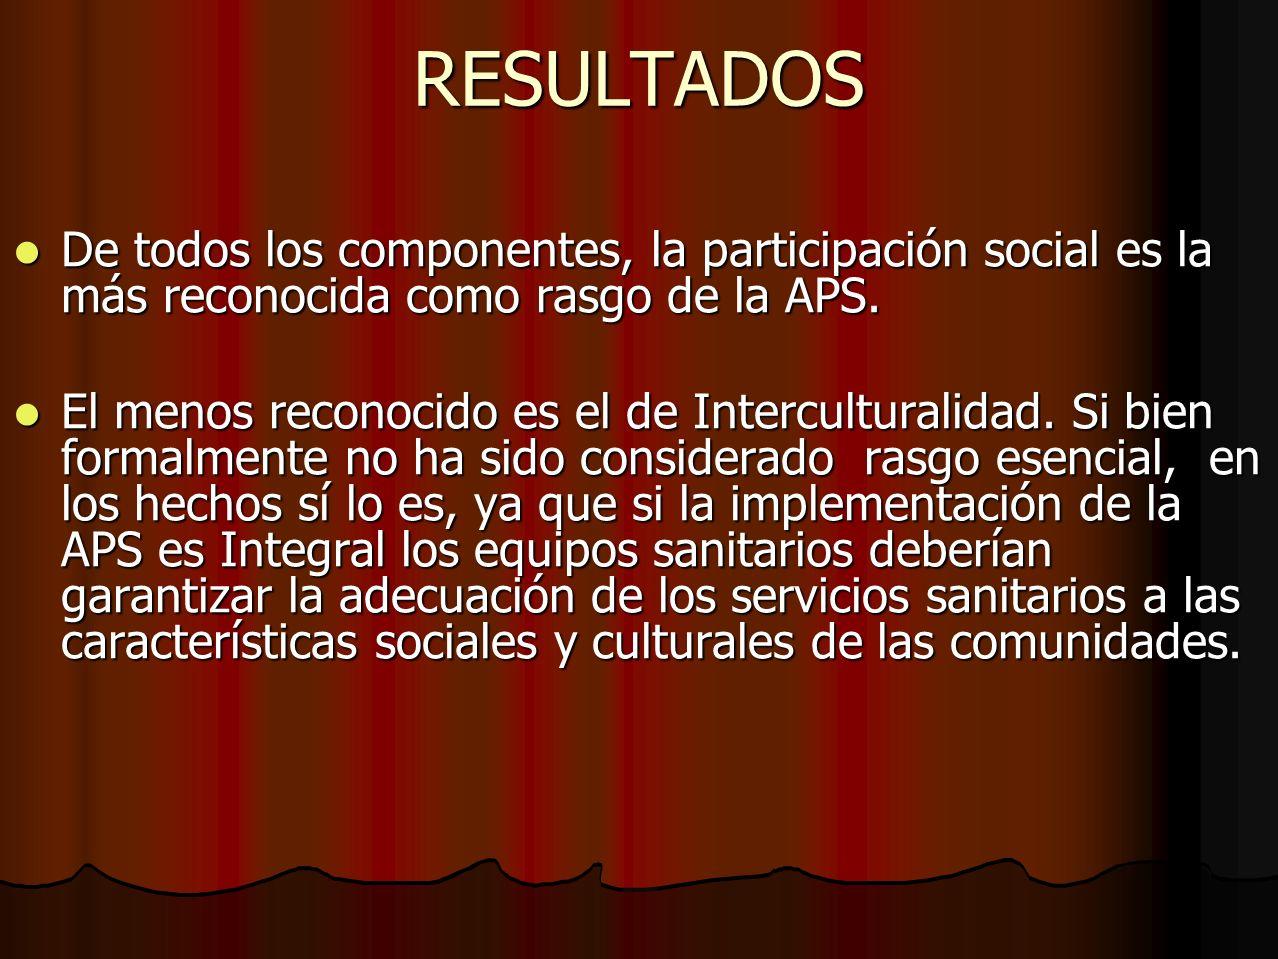 RESULTADOS De todos los componentes, la participación social es la más reconocida como rasgo de la APS.